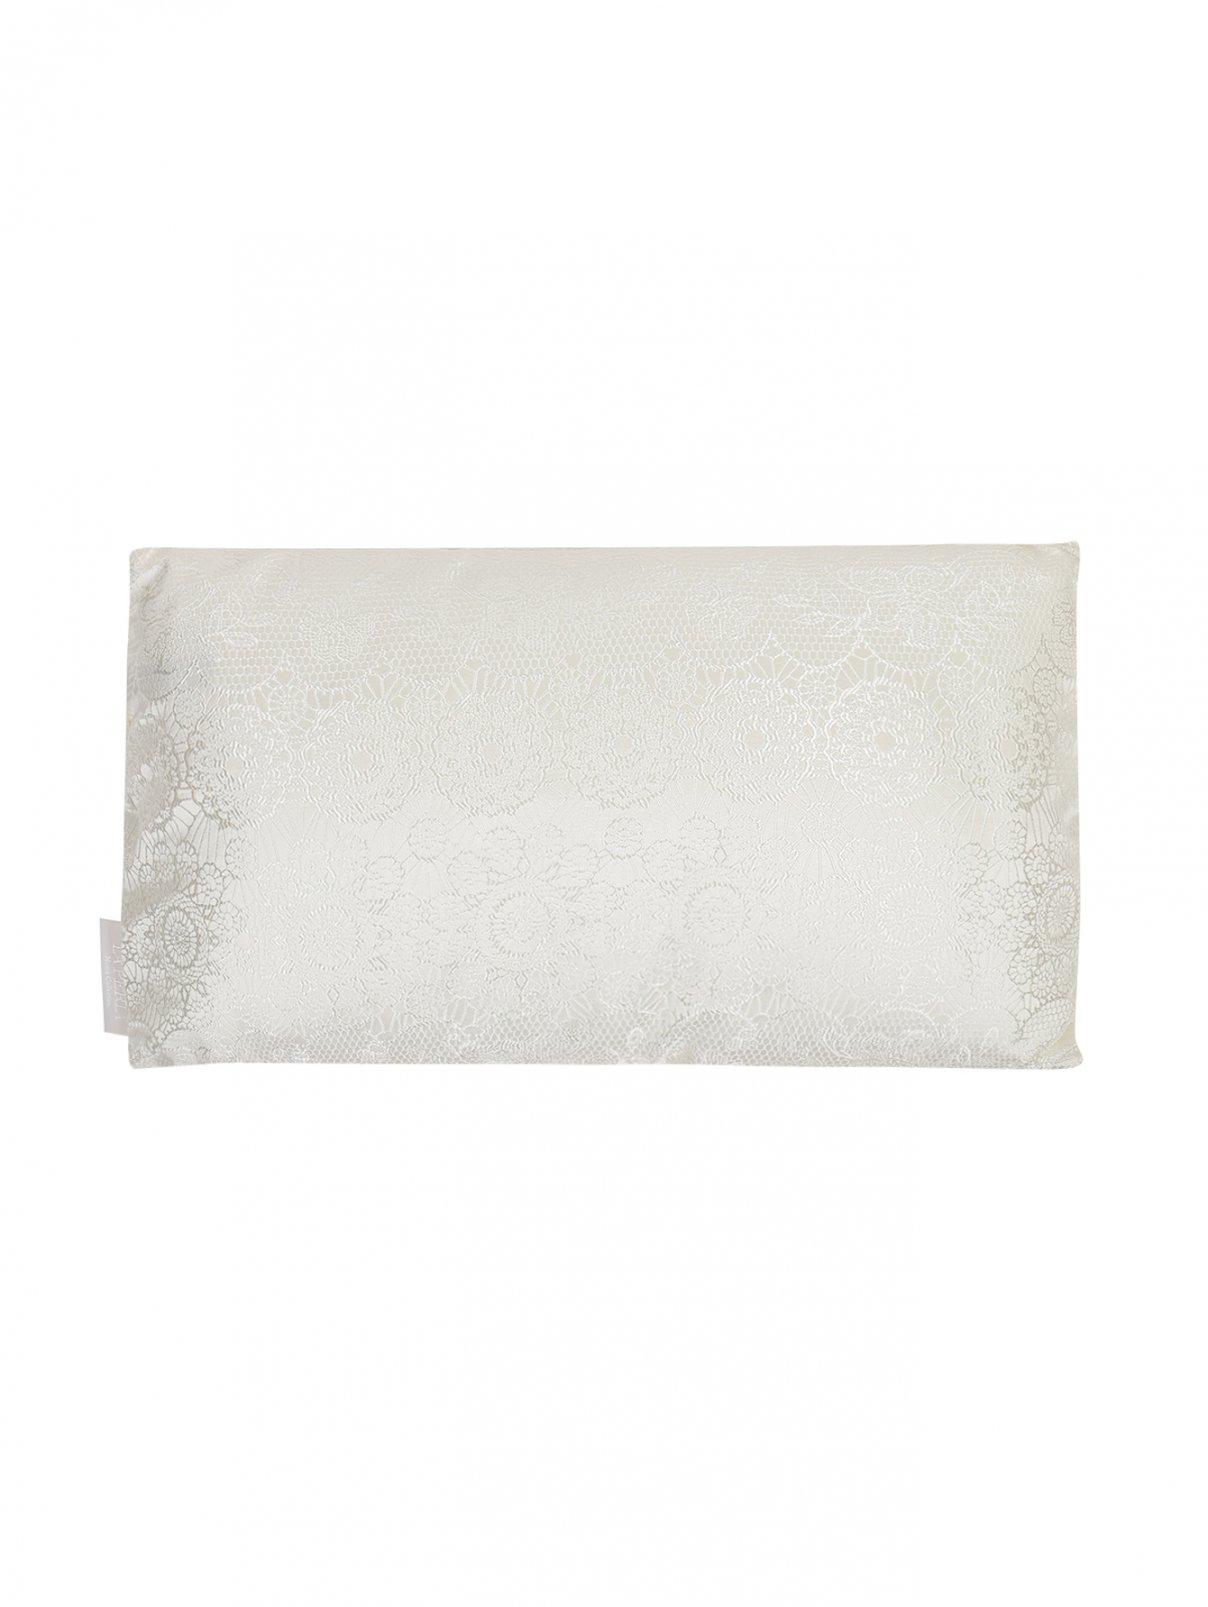 Подушка из текстурной ткани с растительным узором 30 x 50 La Perla  –  Общий вид